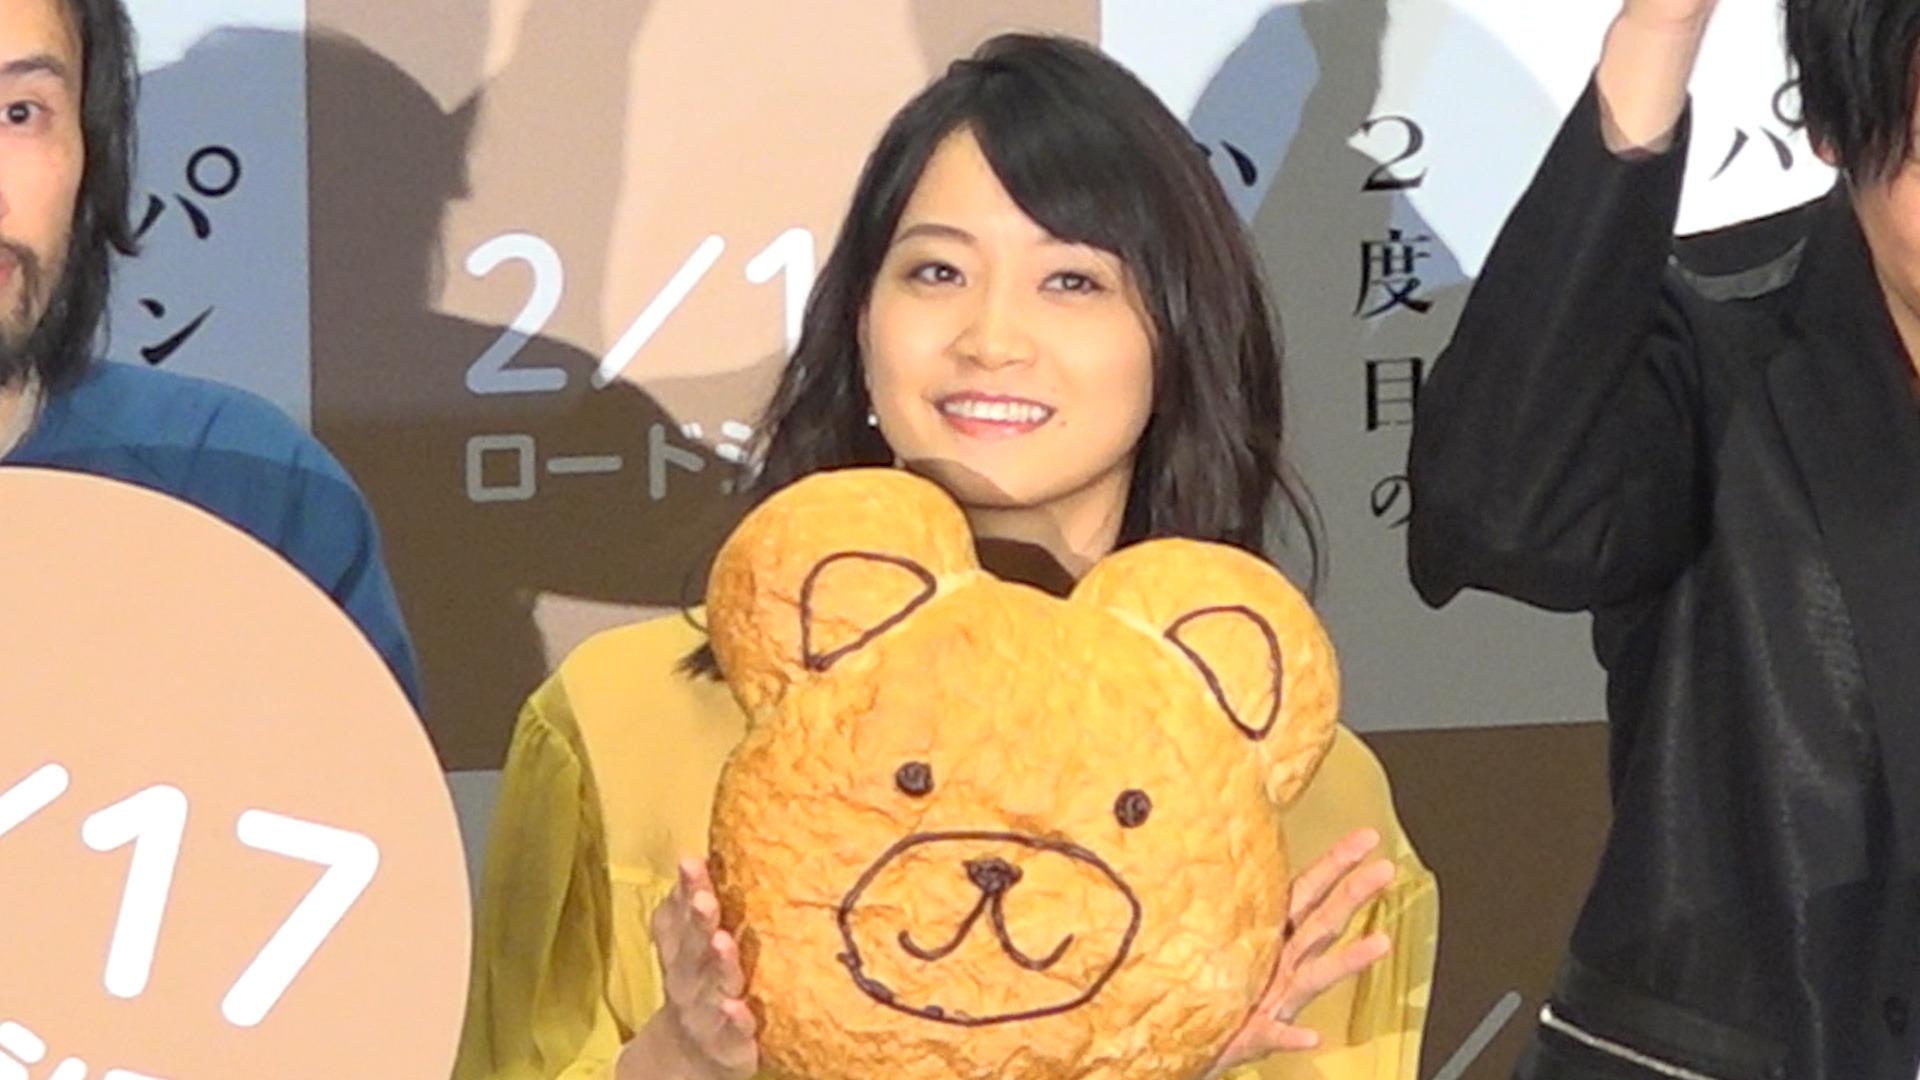 深川麻衣が映画『パンとバスと2度目のハツコイ』完成披露舞台挨拶に登場!